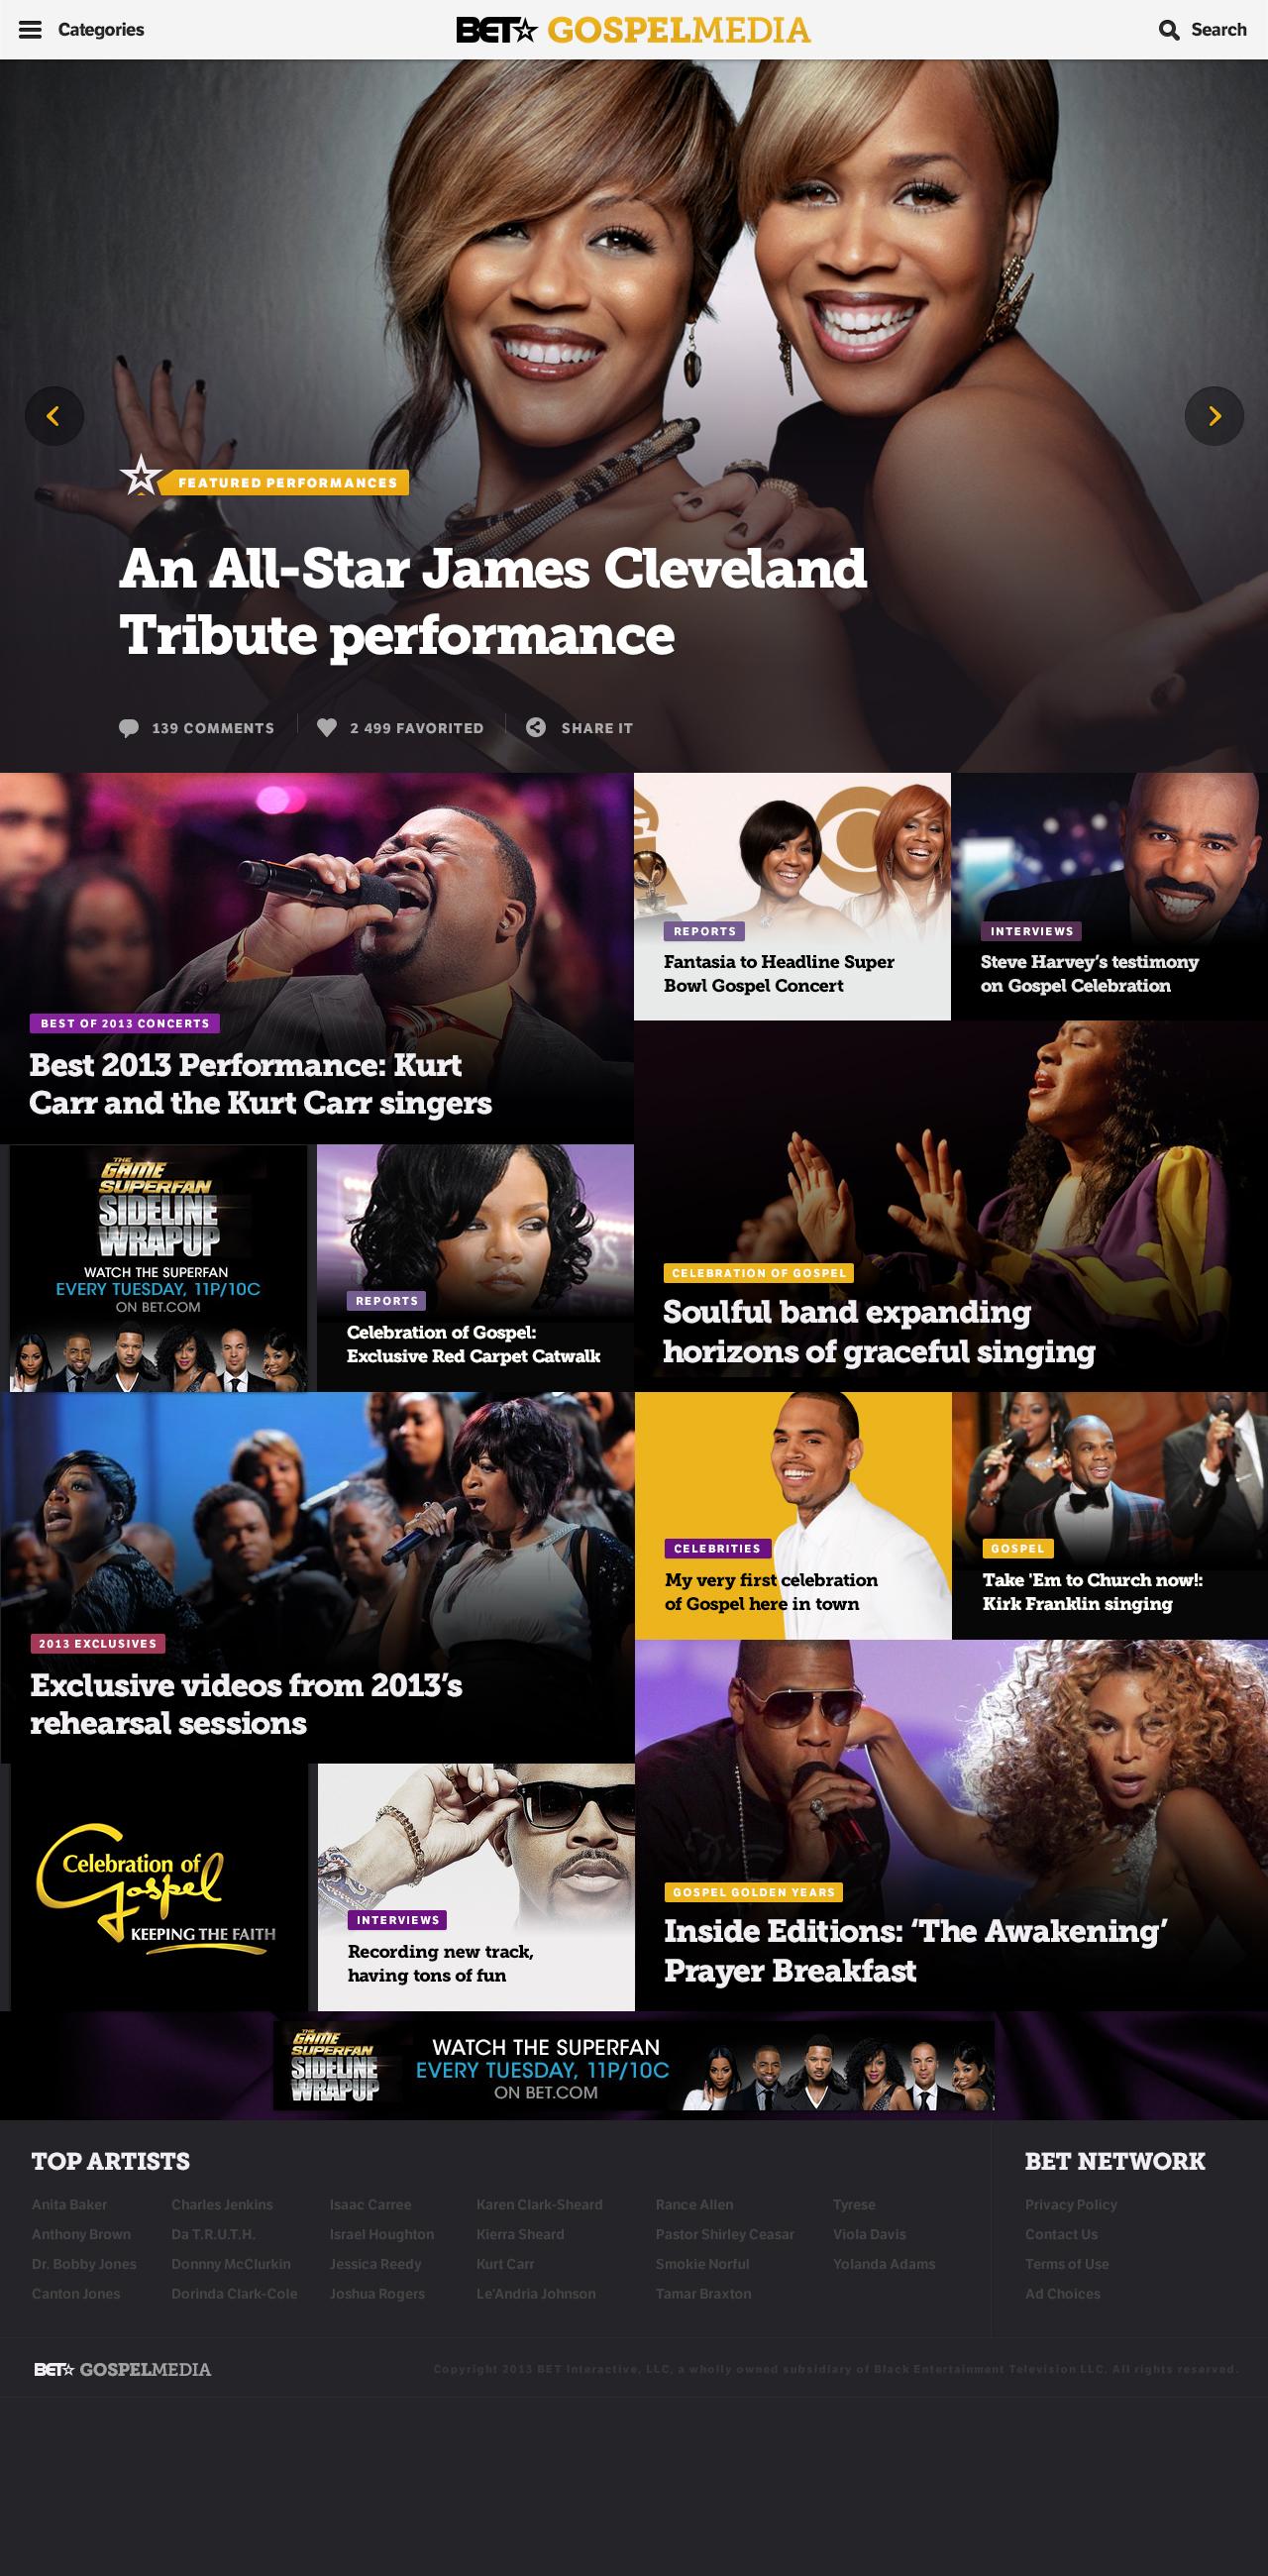 BET — The Gospel video source